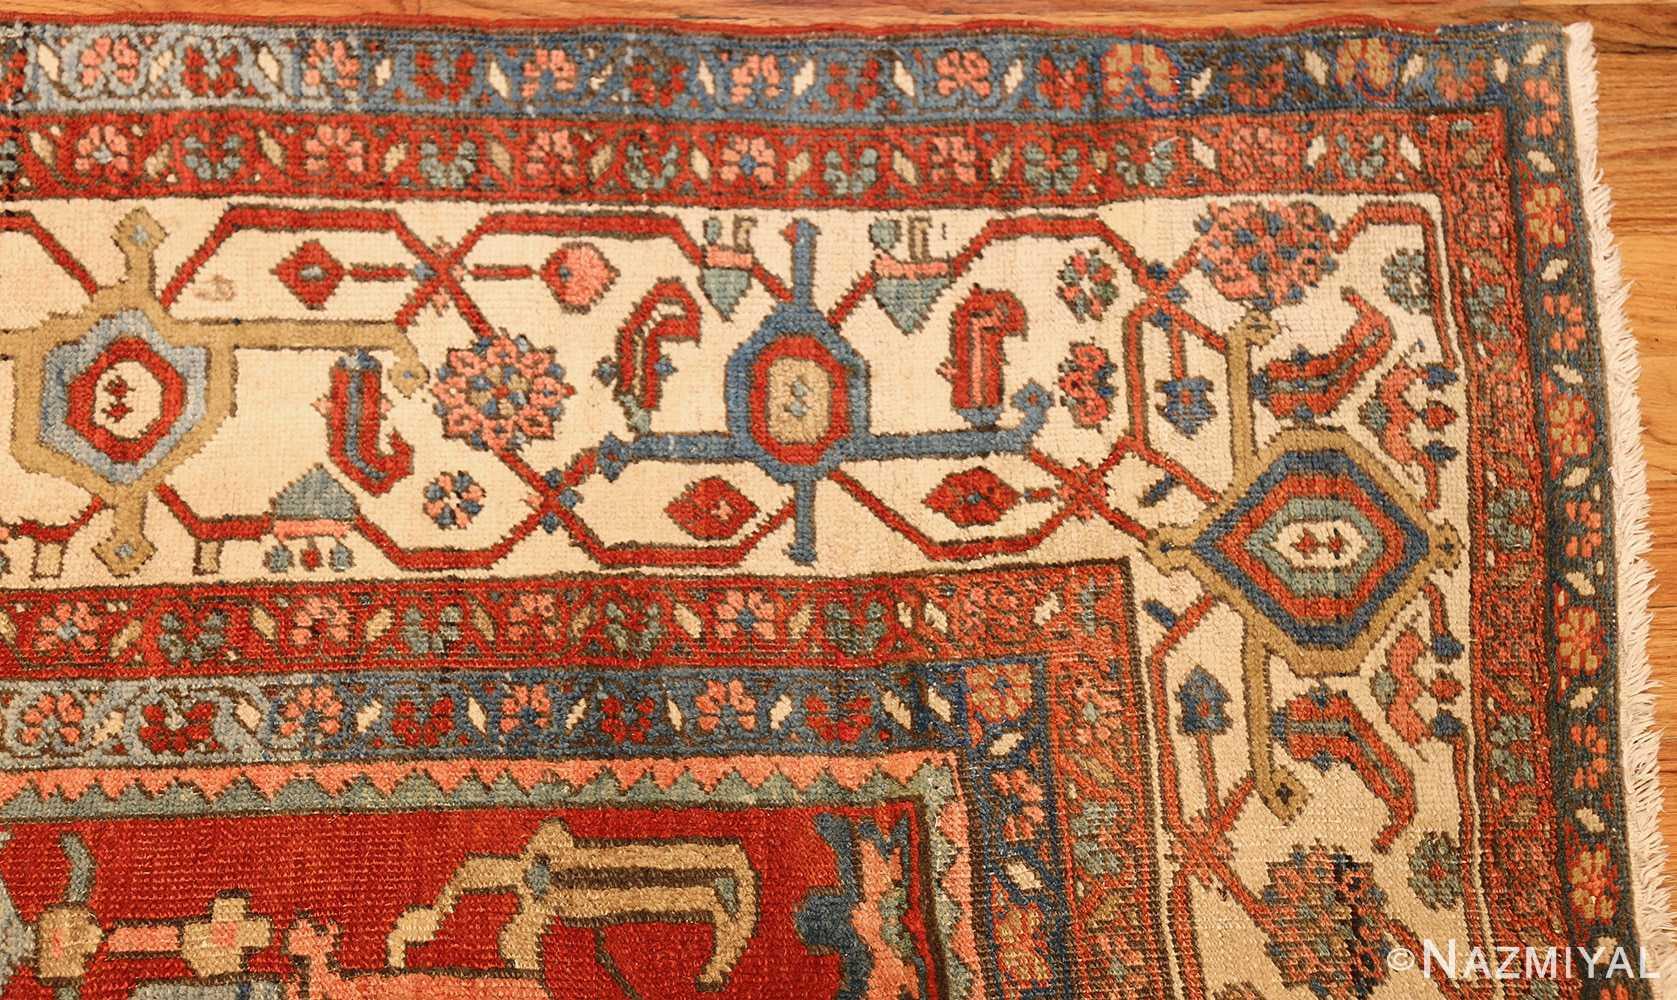 antique red background room size persian bakshaish rug 49393 corner Nazmiyal